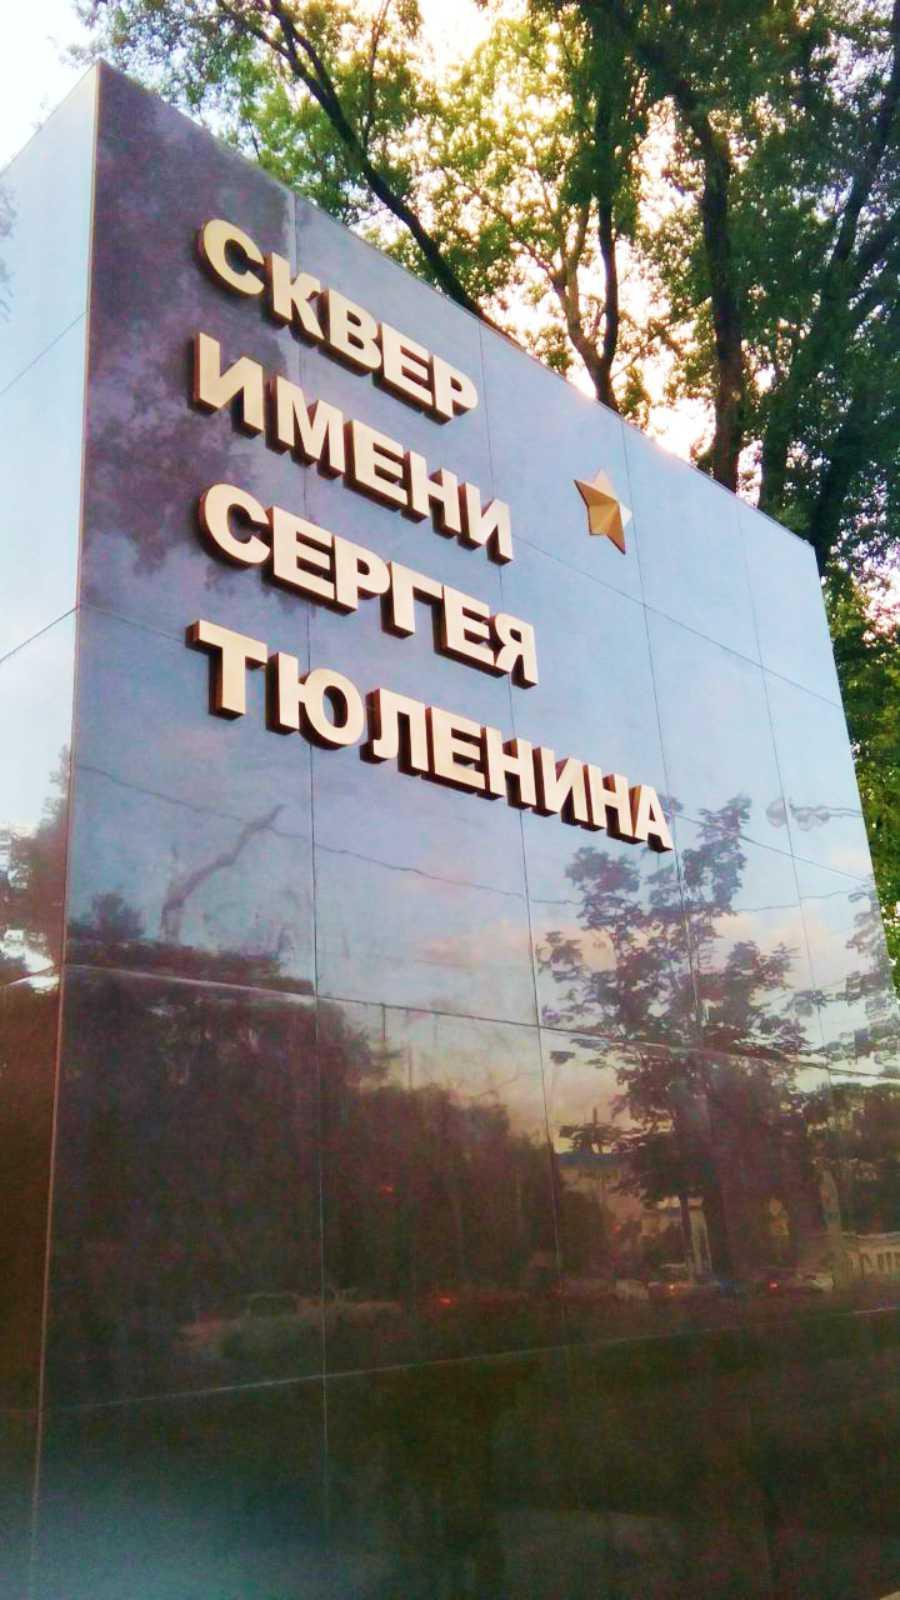 Памятник с объемными буквами из латуни в Ростове-на-Дону.